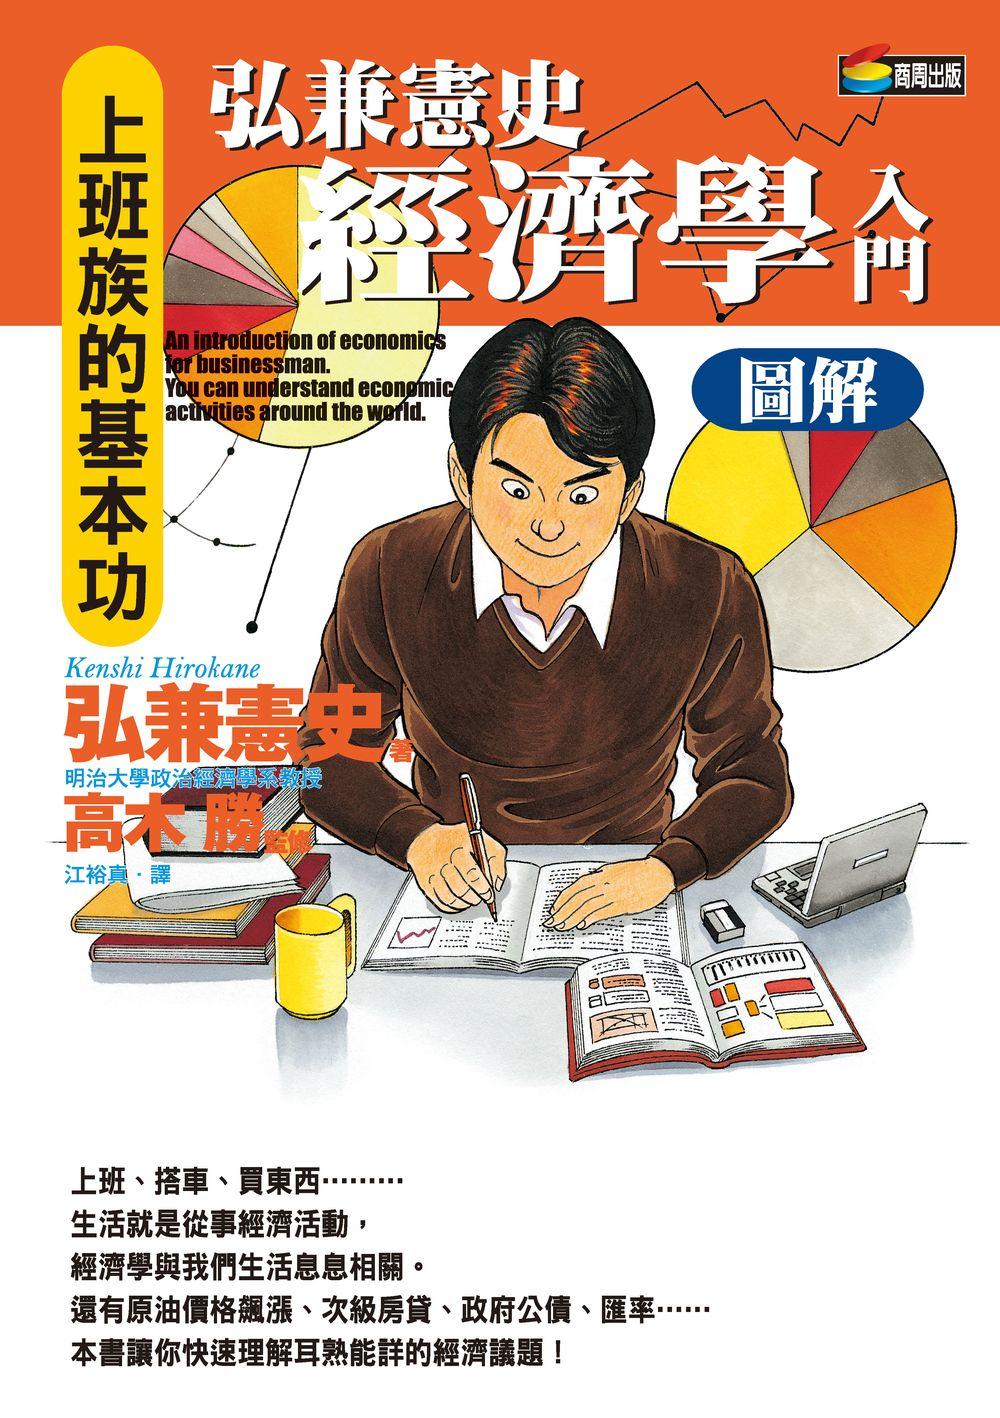 弘兼憲史經濟學入門圖解 (電子書)